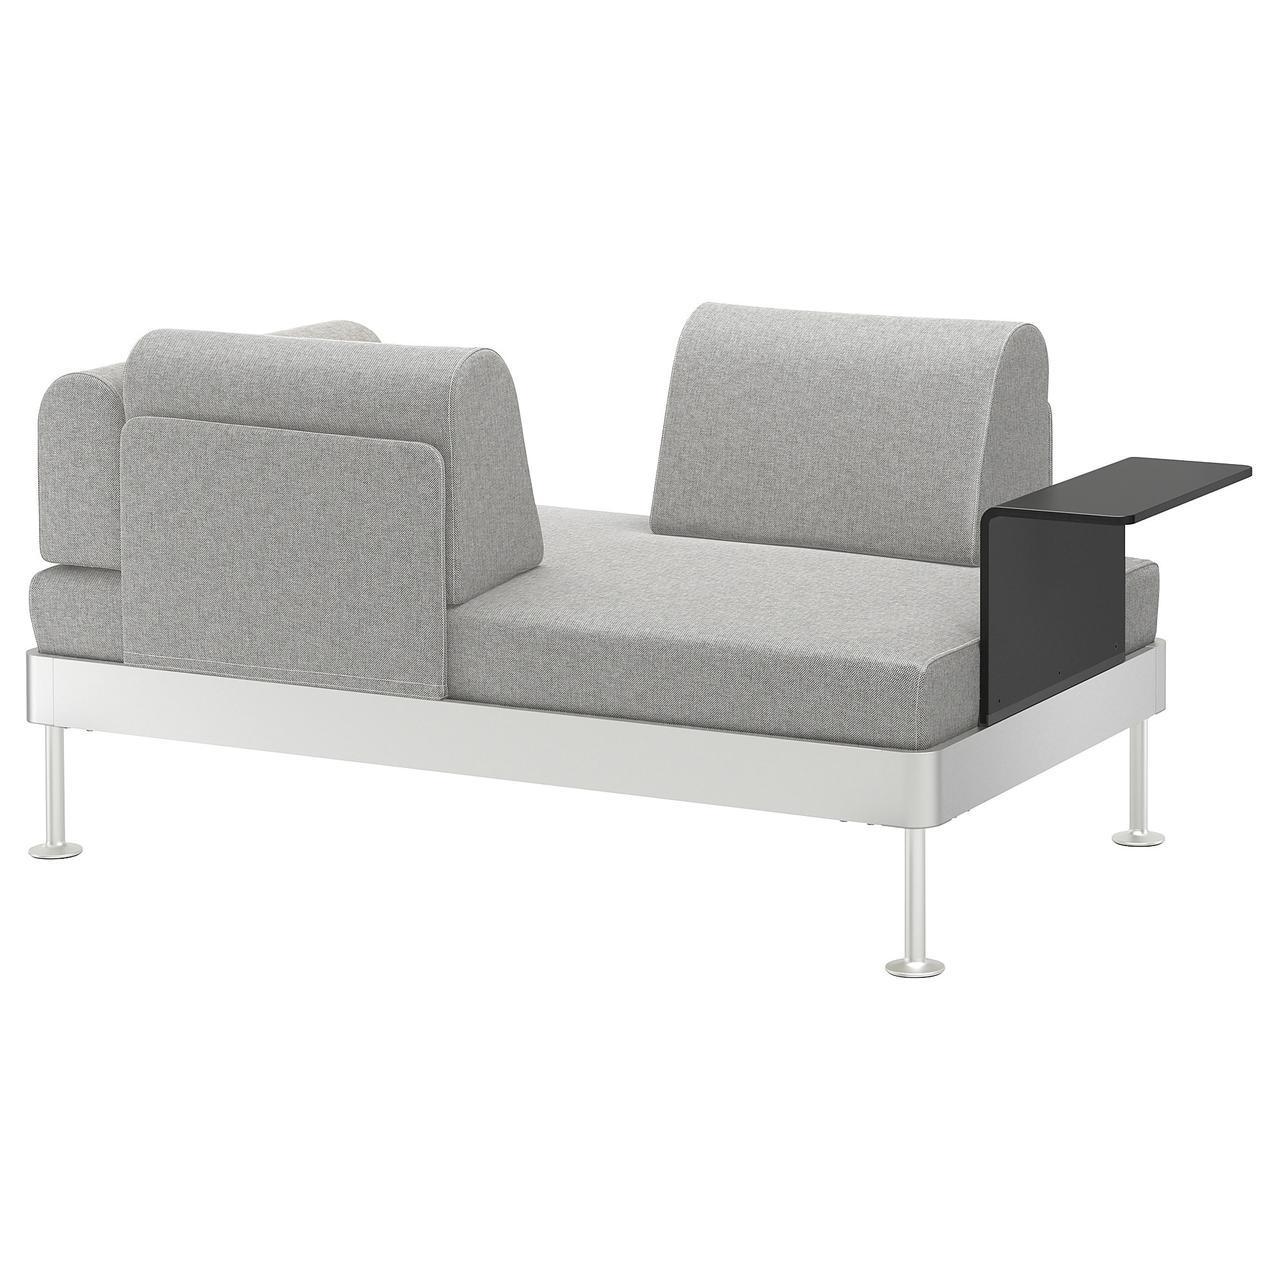 IKEA DELAKTIG (692.596.81) 2-местный диван со столом, Tallmyra белый/черный